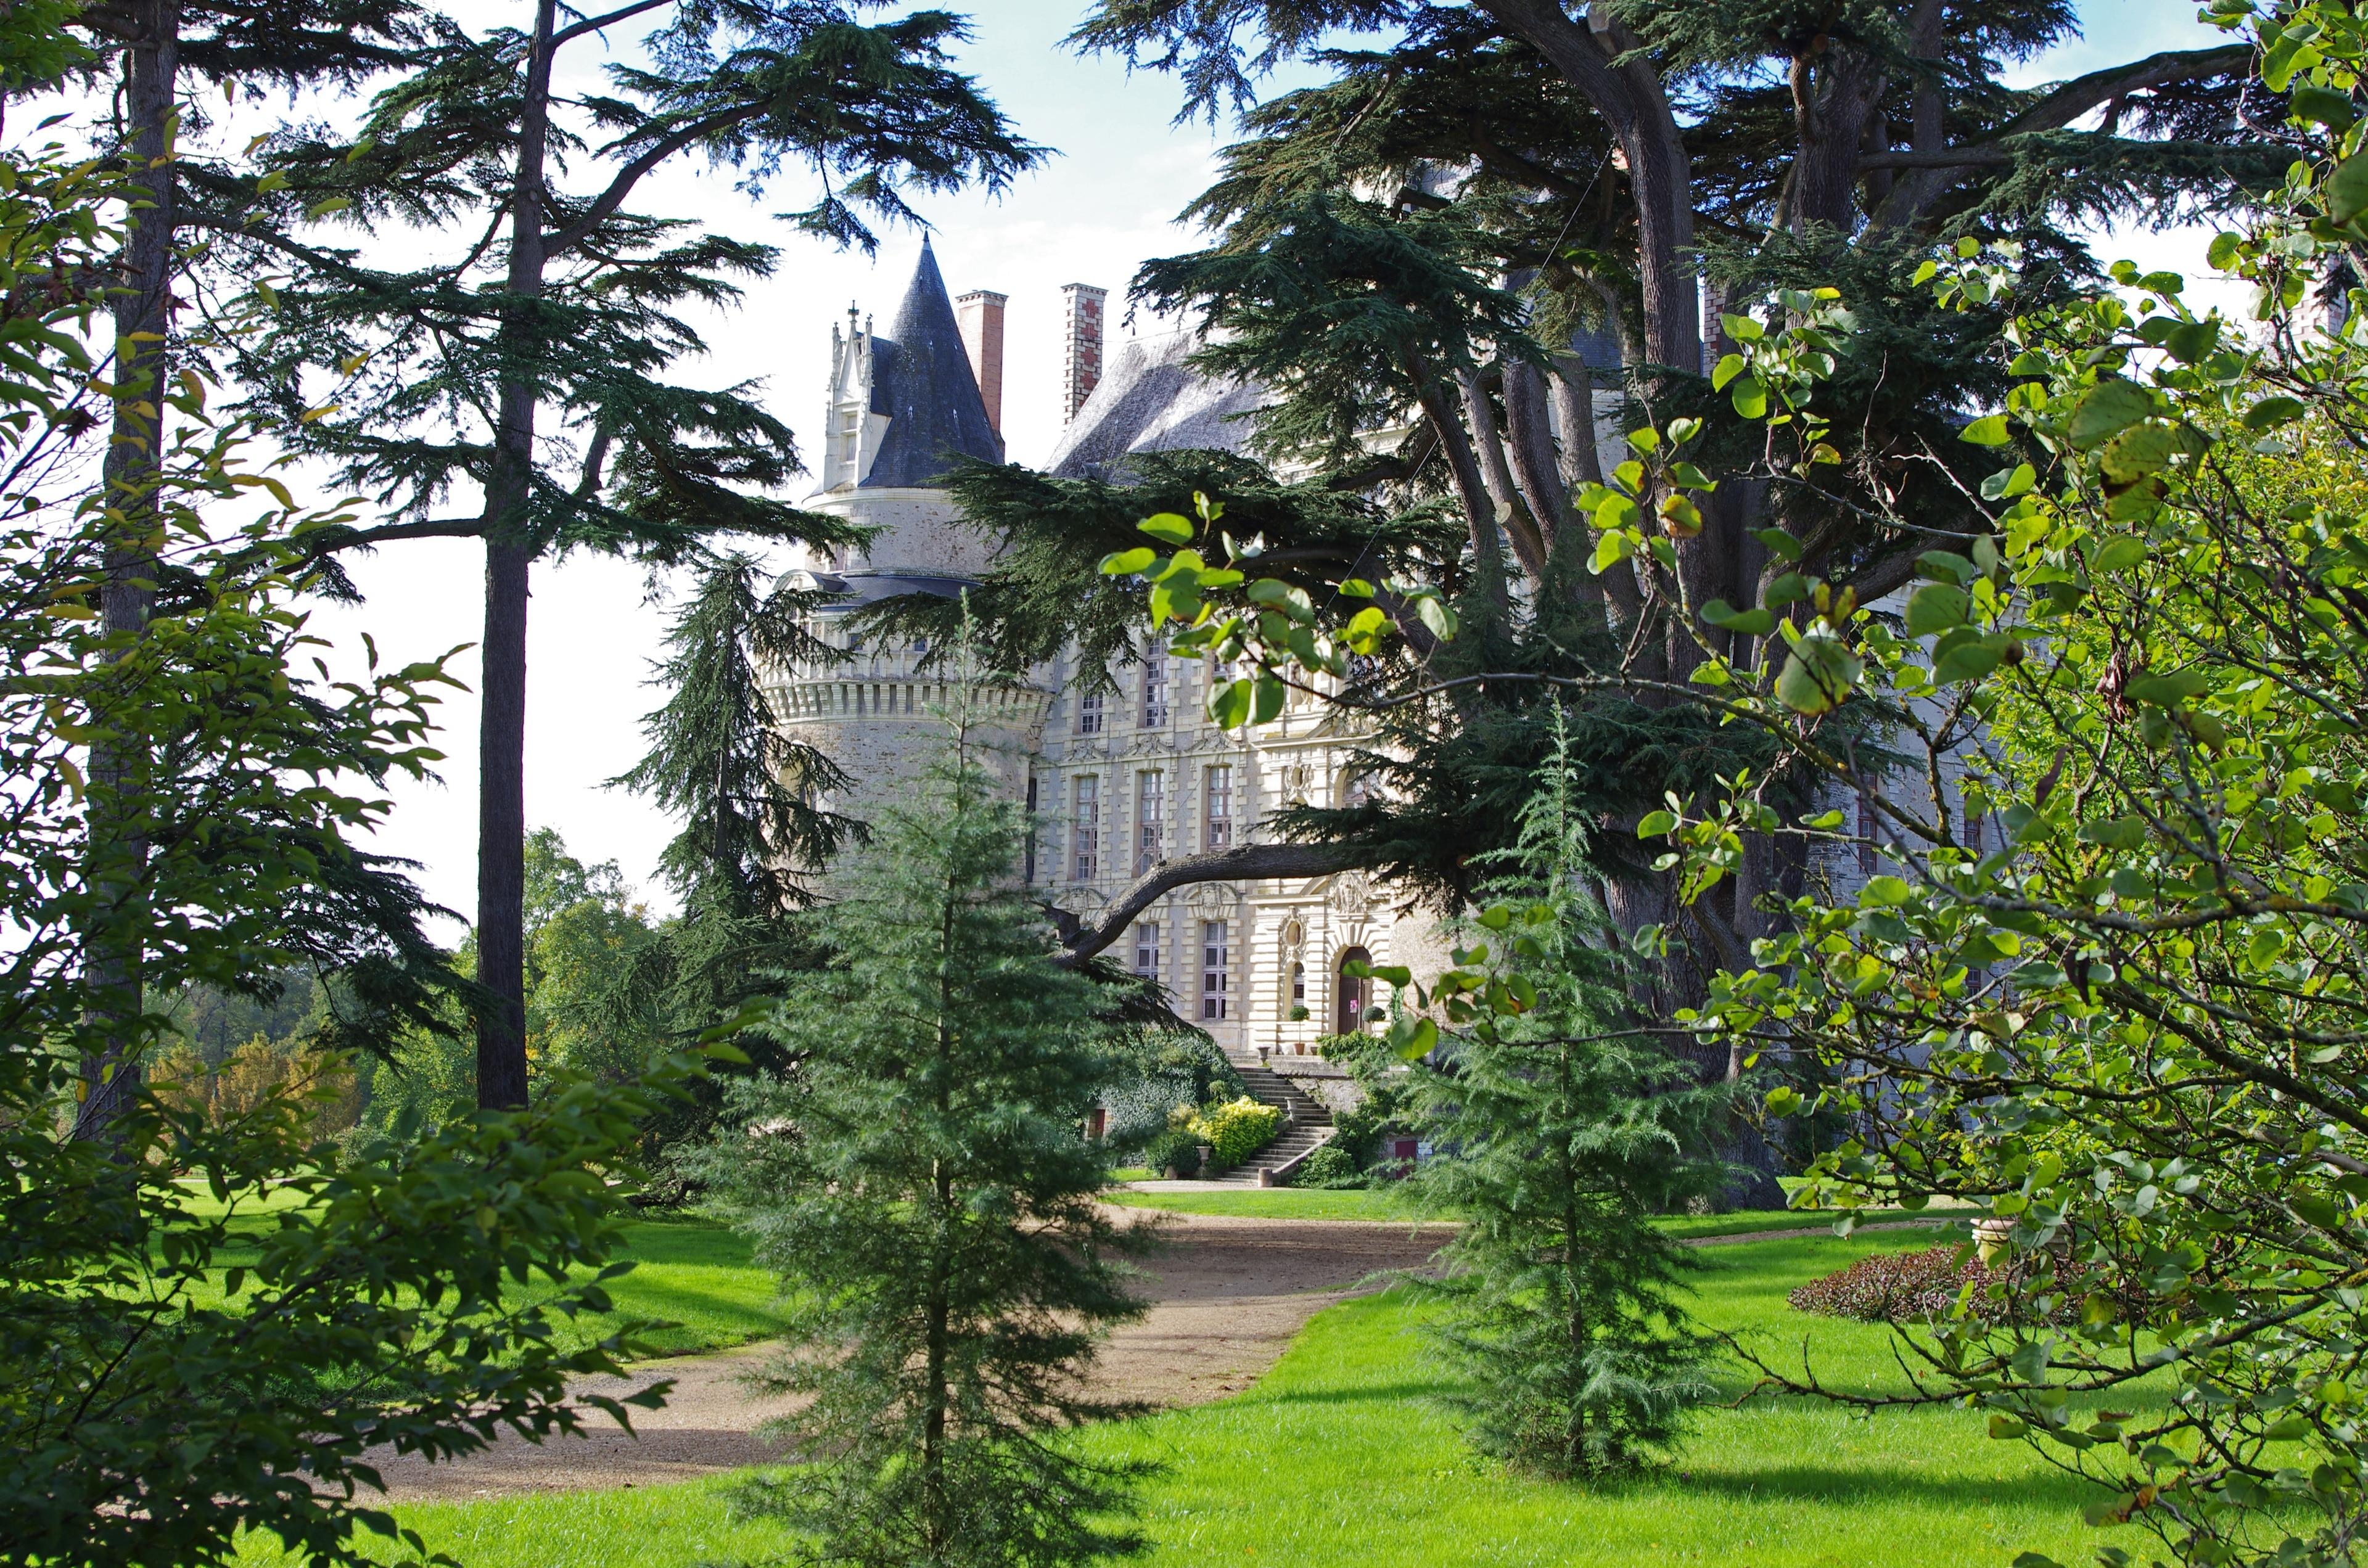 Château de Brissac, Brissac Loire Aubance, Département Maine-et-Loire, Frankreich